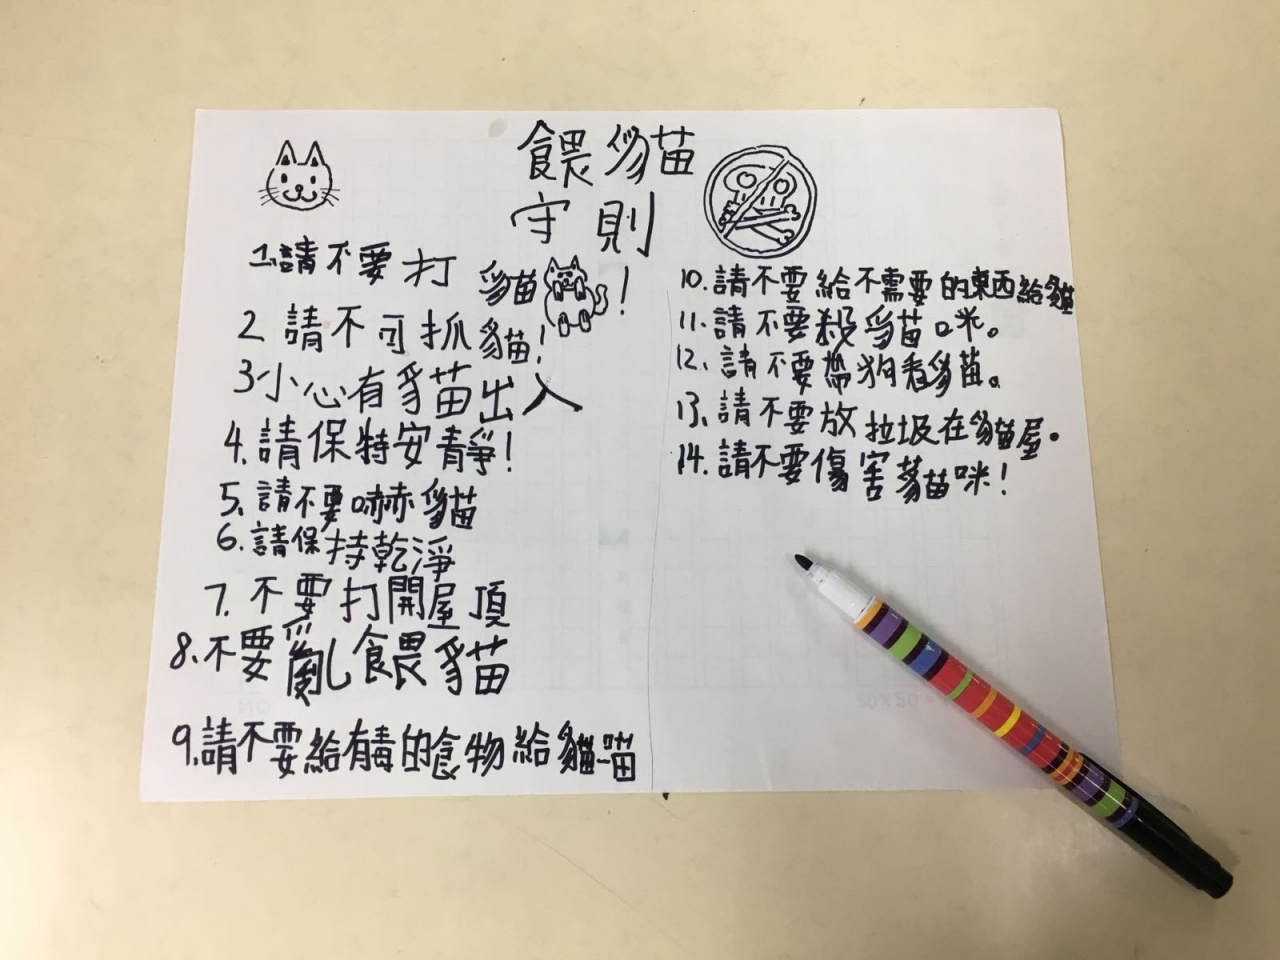 學生們自行構思餵貓的守刖,並仔細地列出很多注意的細節。(受訪者提供)